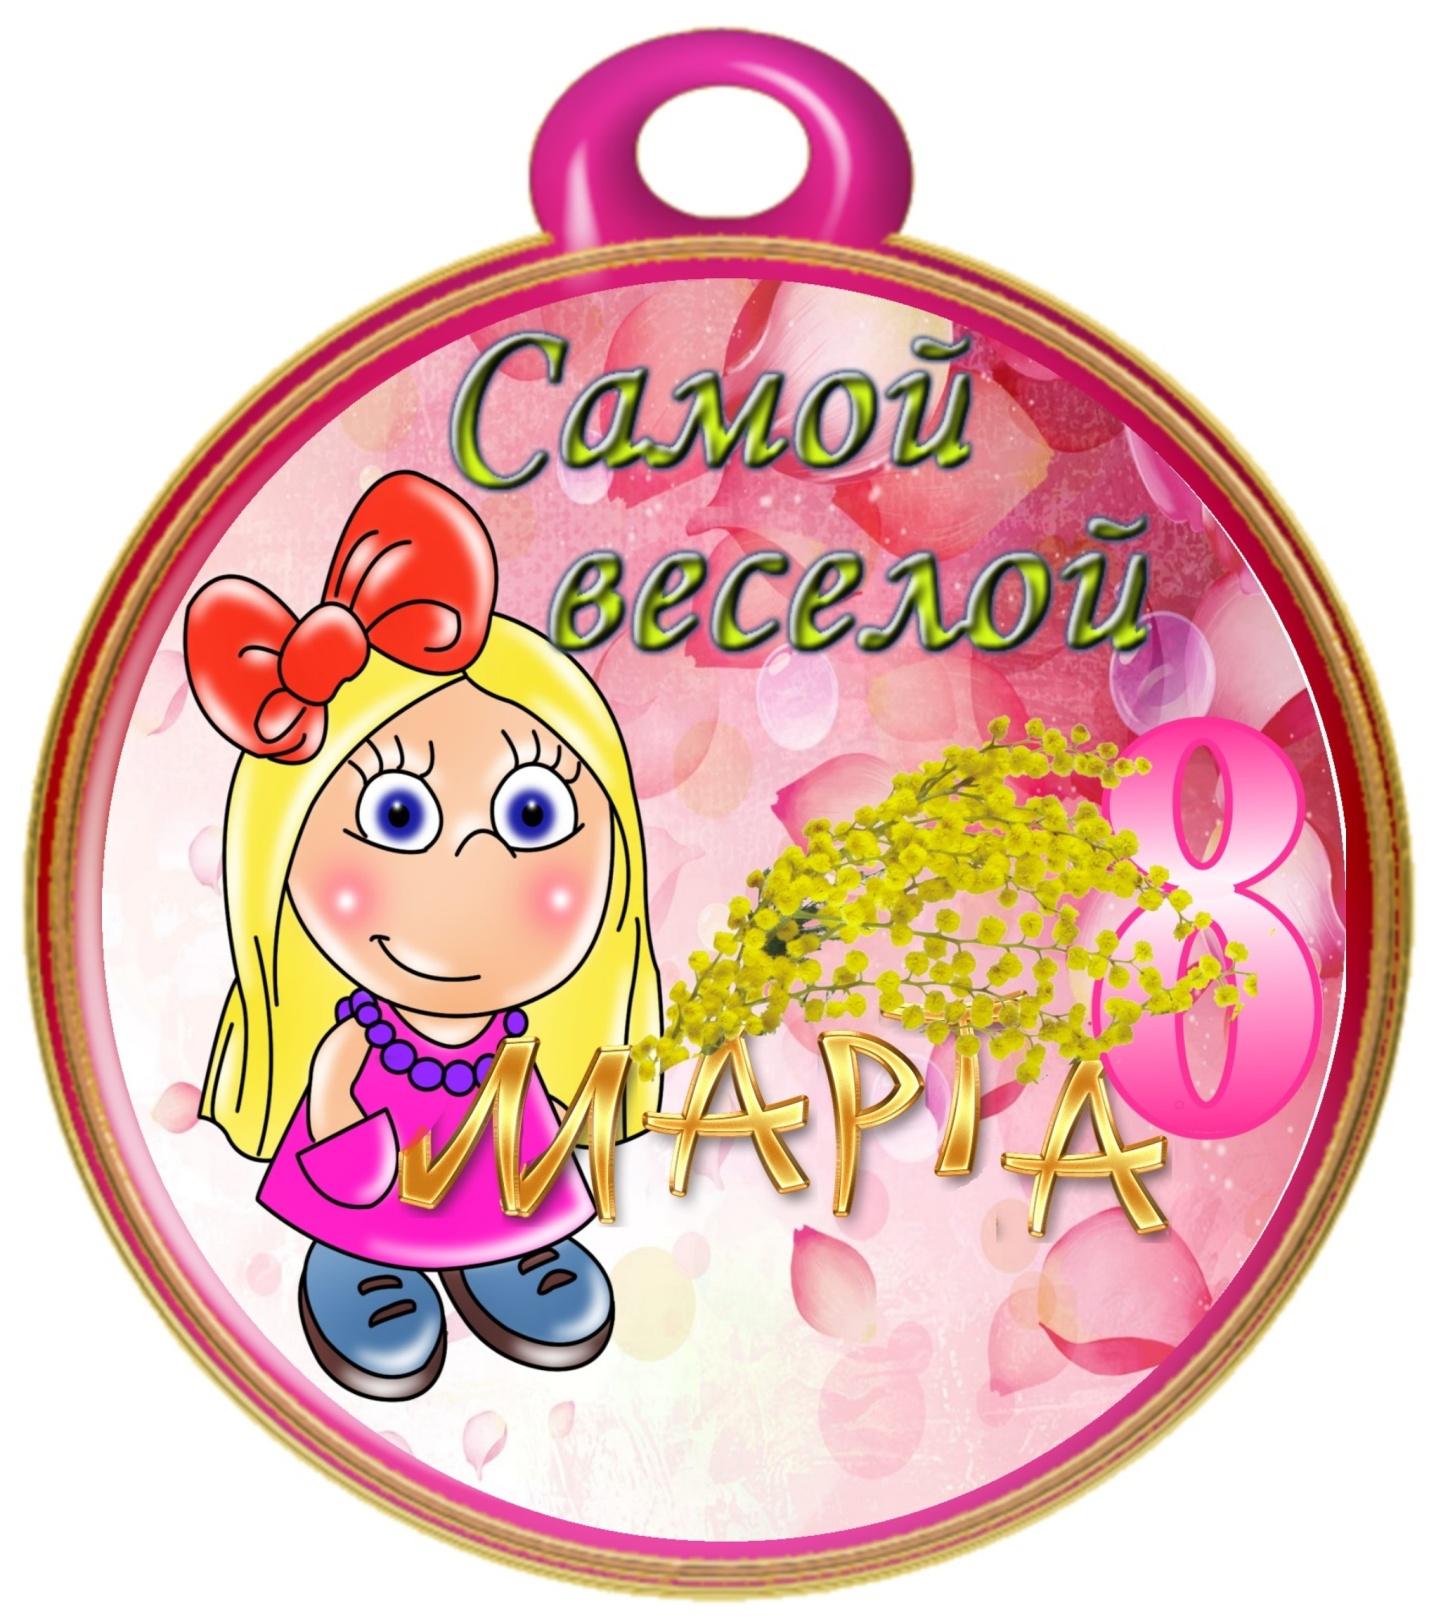 Сценарий для 8 марта поздравления девочек с 8 марта